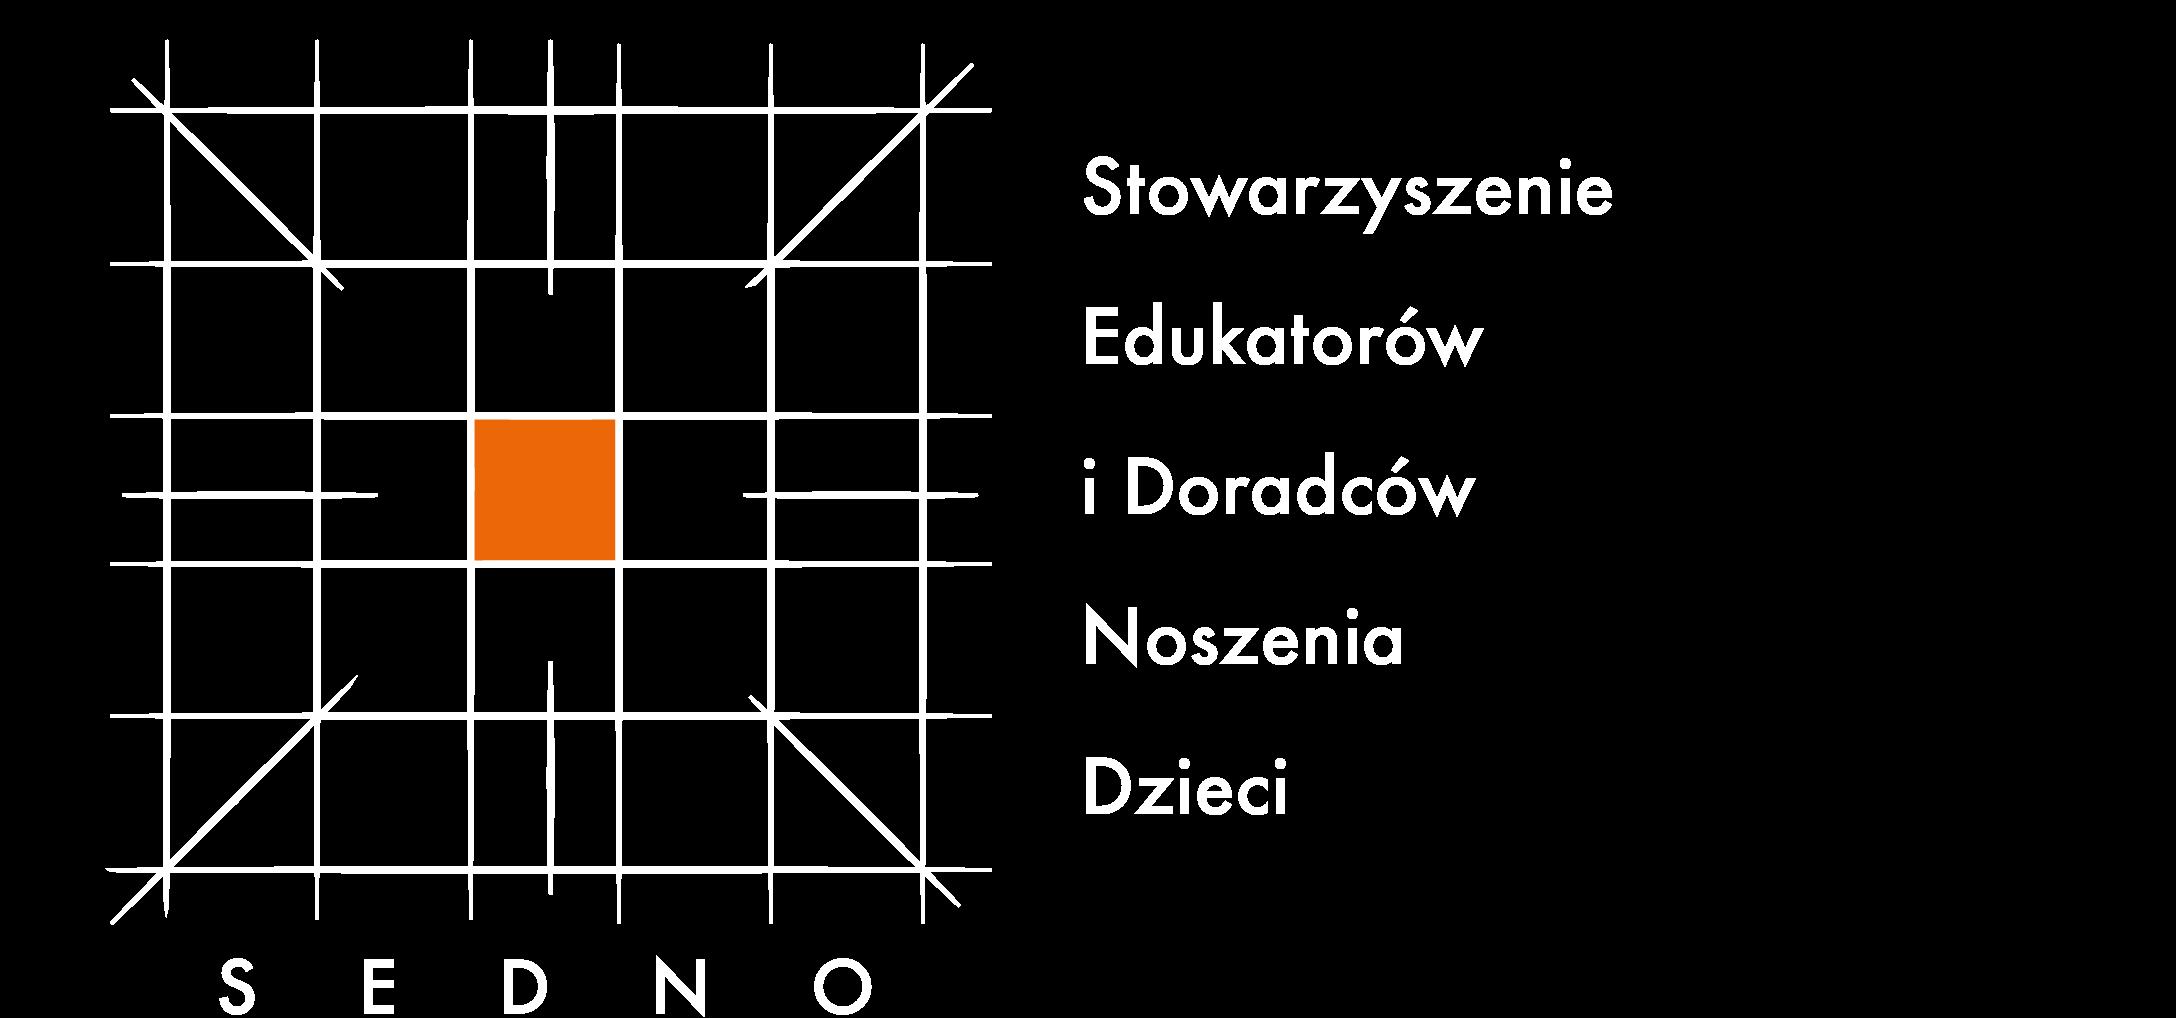 Stowarzyszenie Edukatorów i Doradców Noszenia Dzieci SEDNO